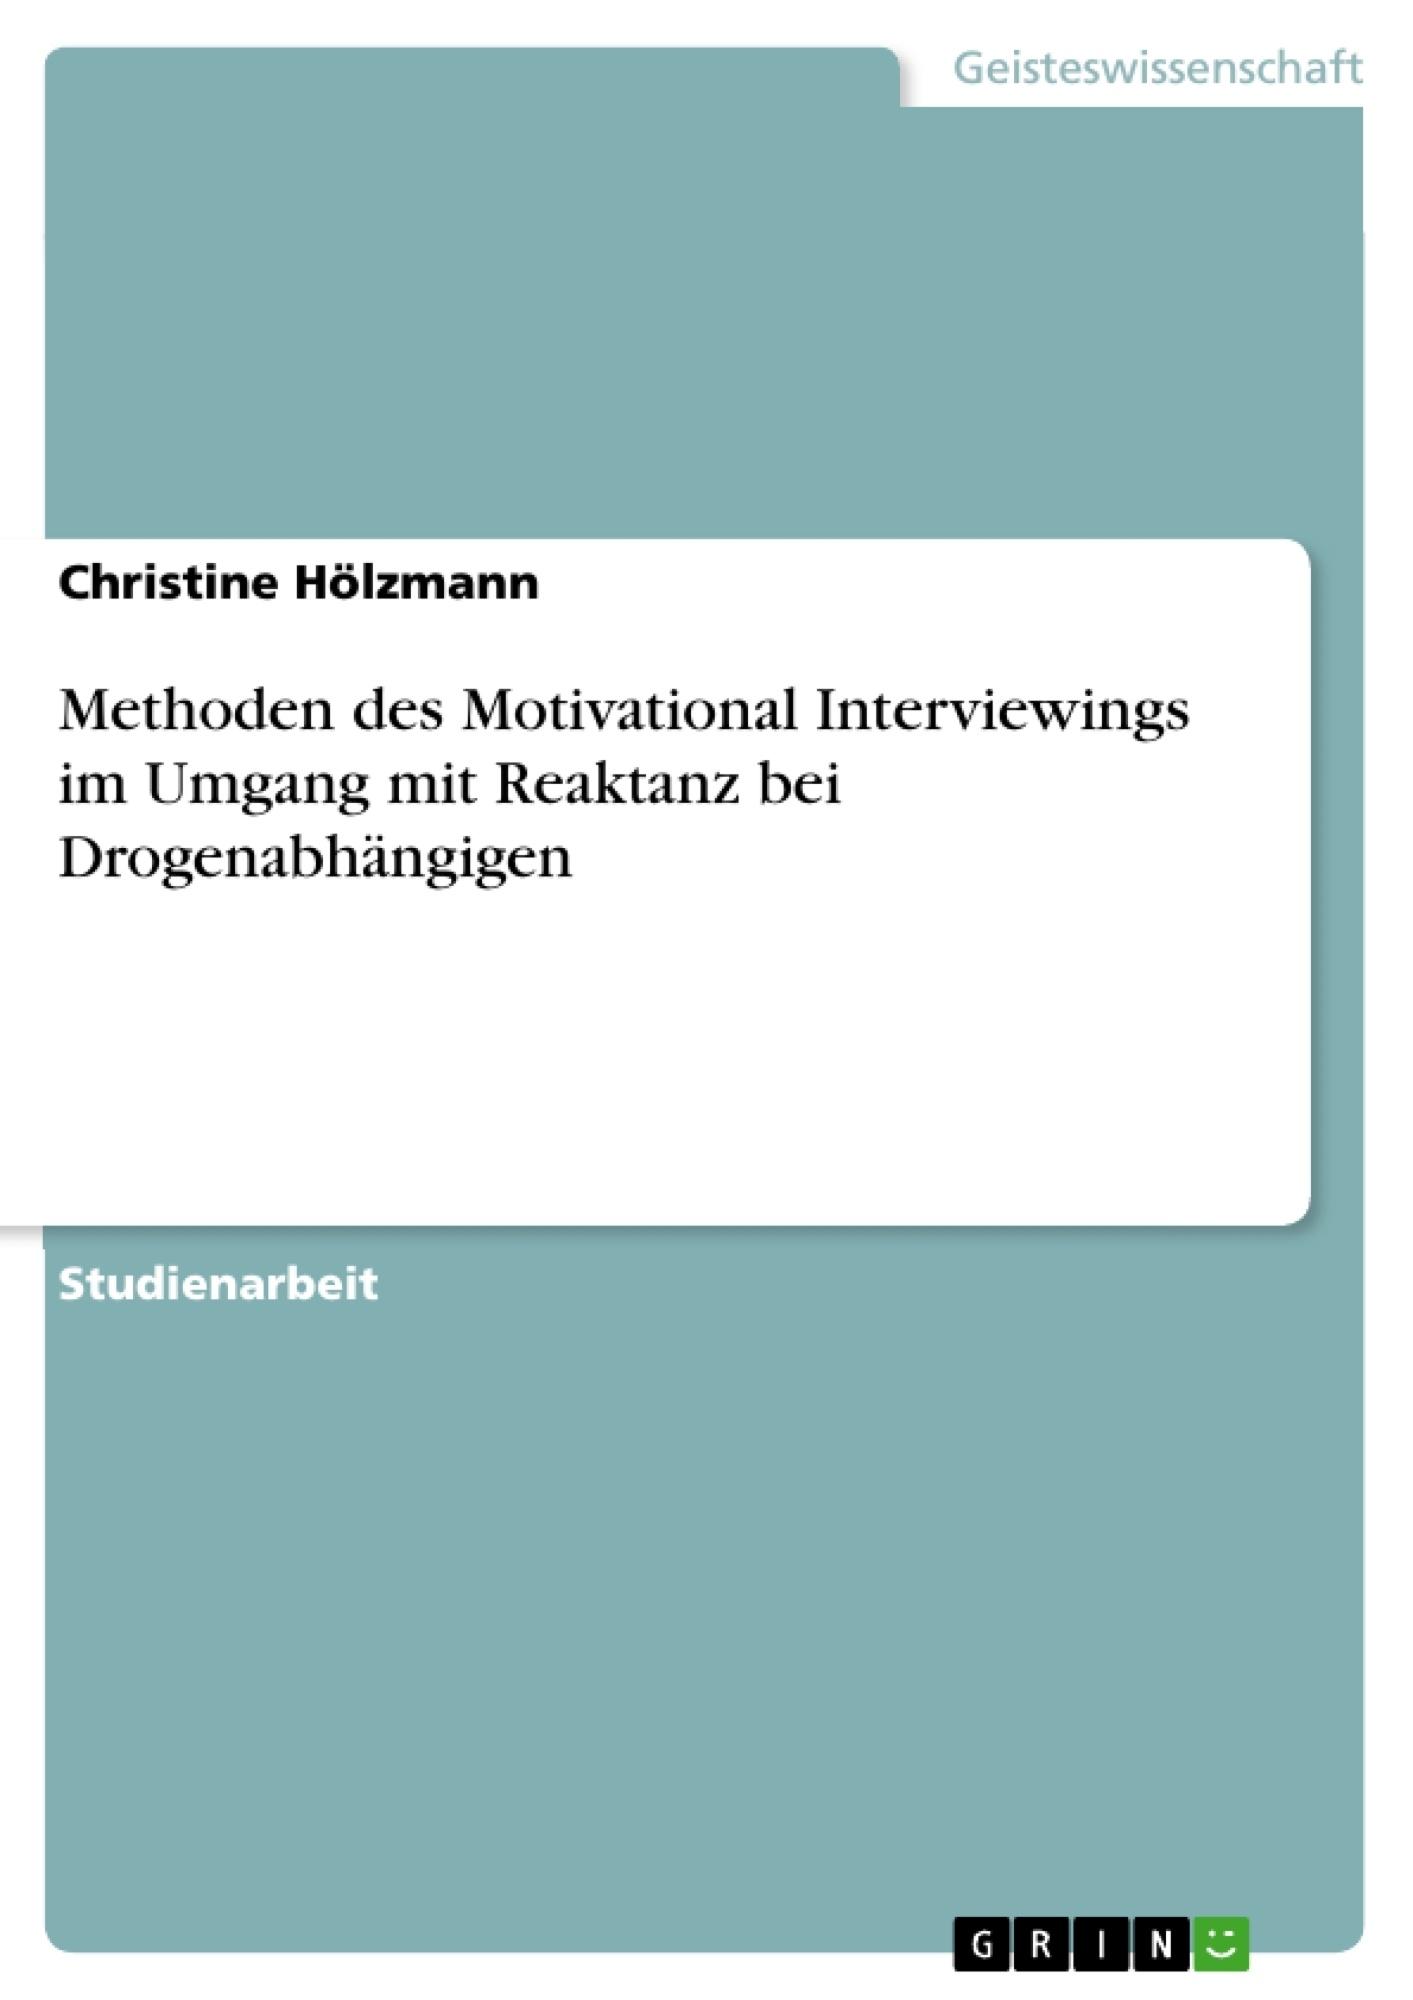 Titel: Methoden des Motivational Interviewings im Umgang mit Reaktanz bei Drogenabhängigen